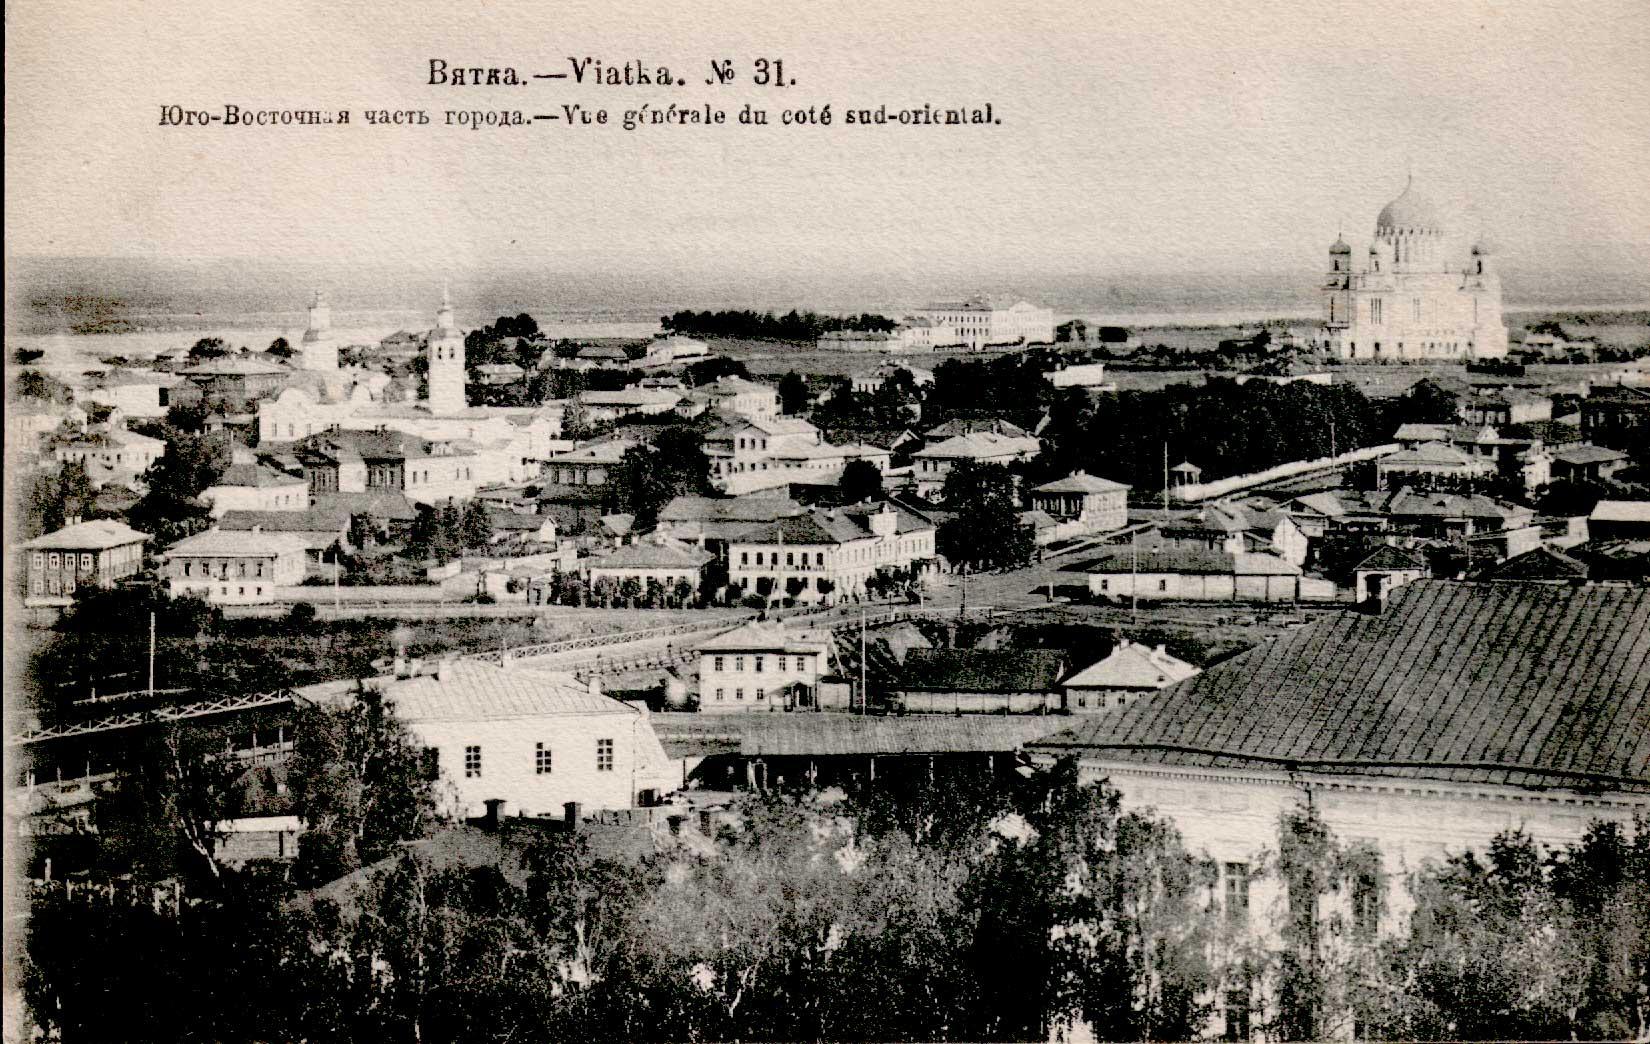 Юго-Восточная часть города